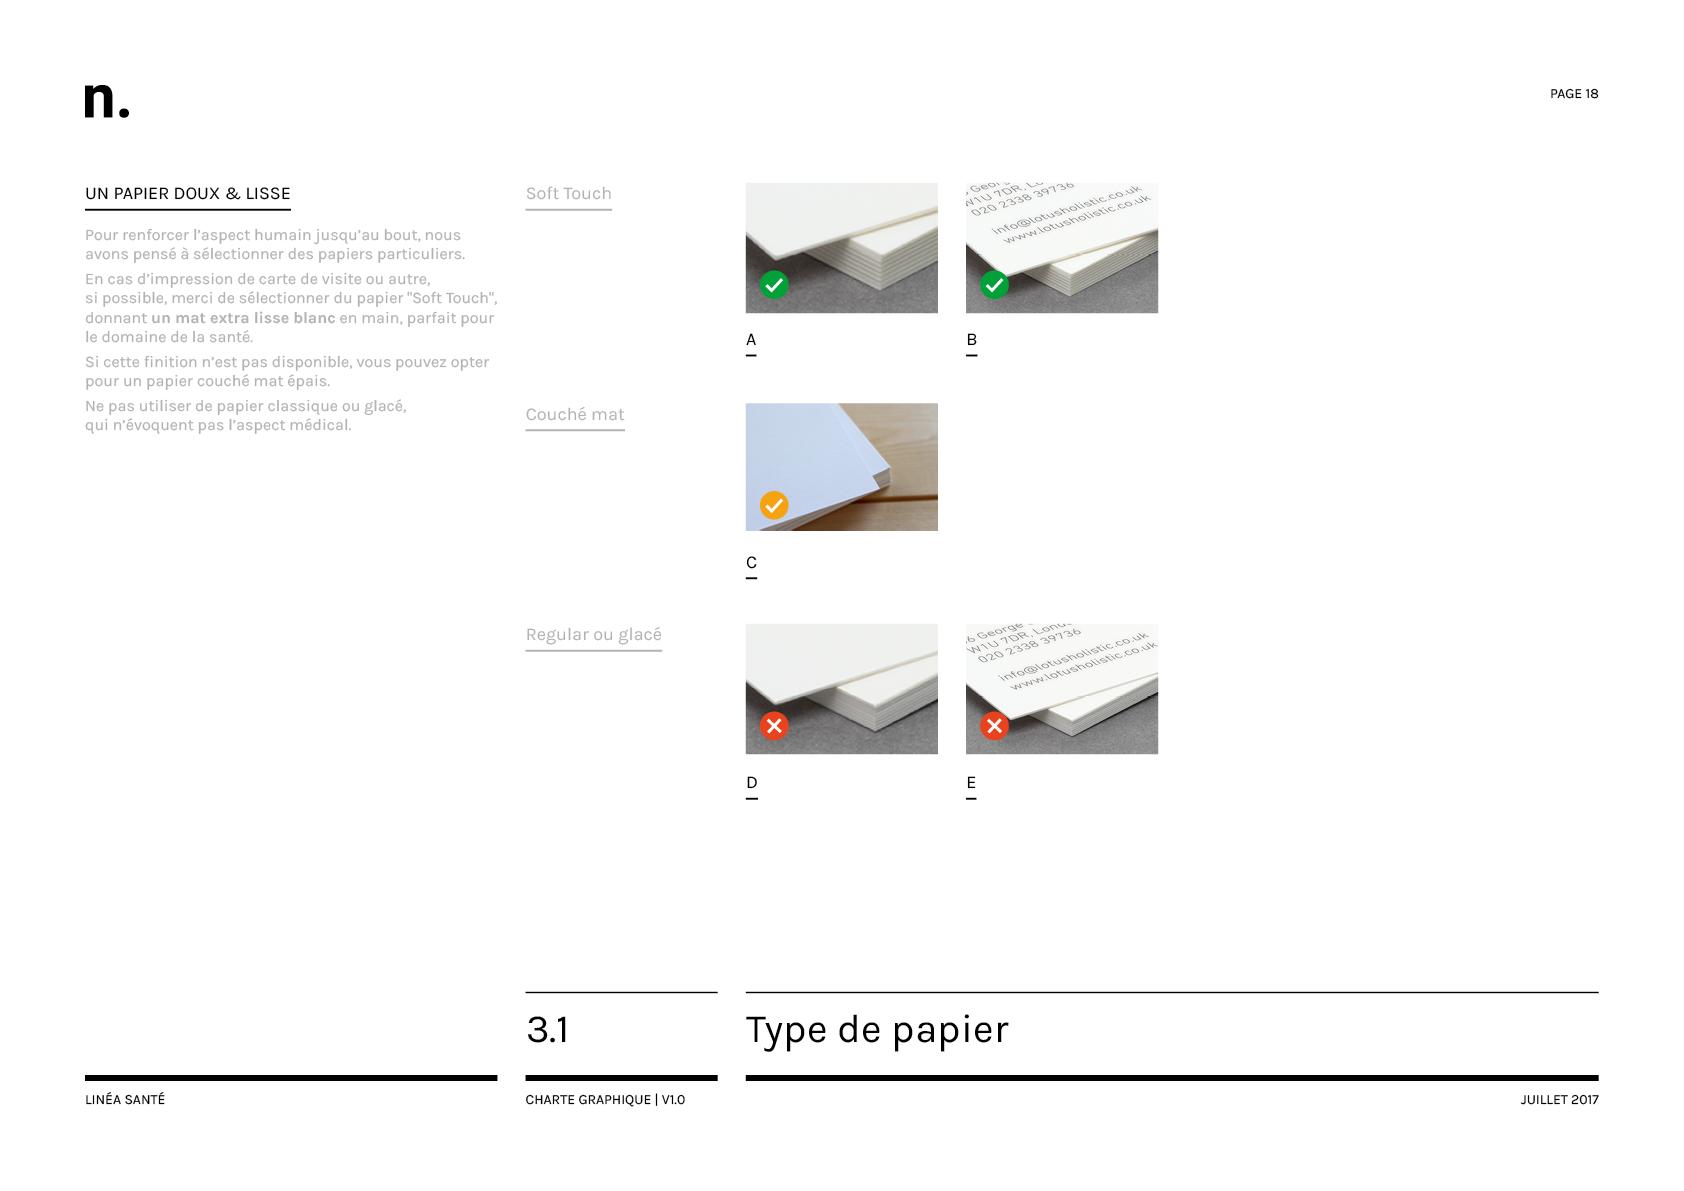 Linea Sante Charte Graphique18